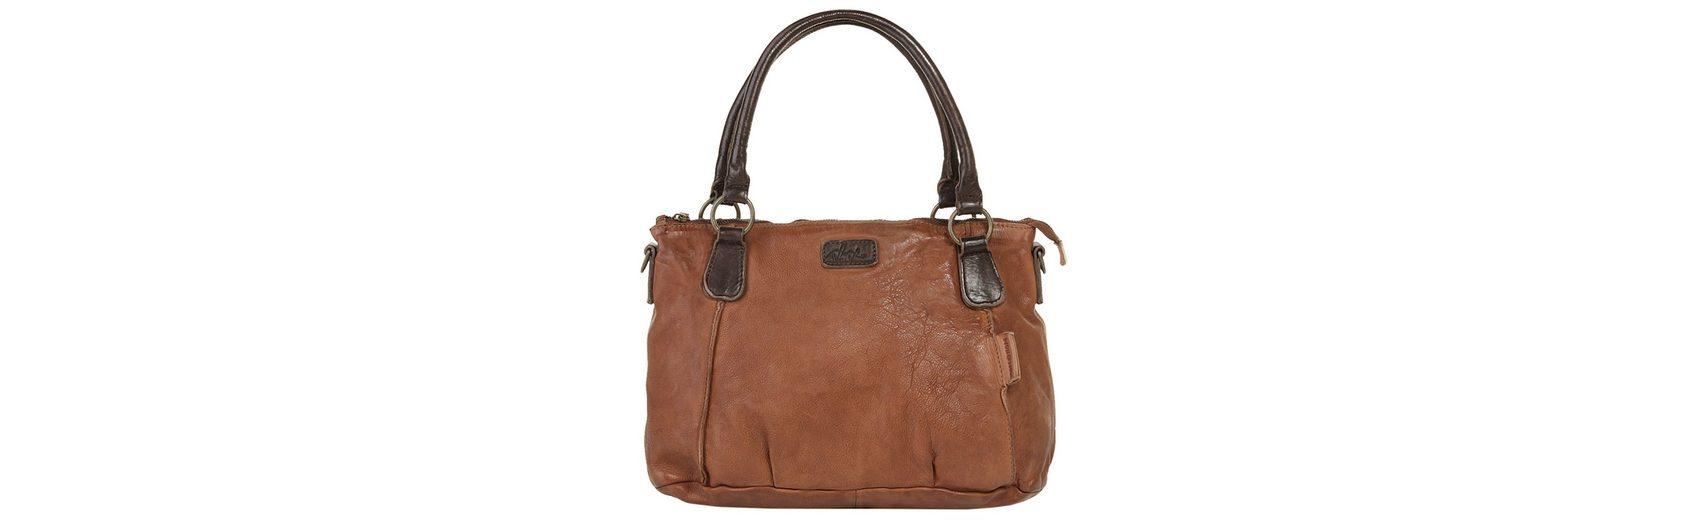 WouWou Leder Damen Handtasche